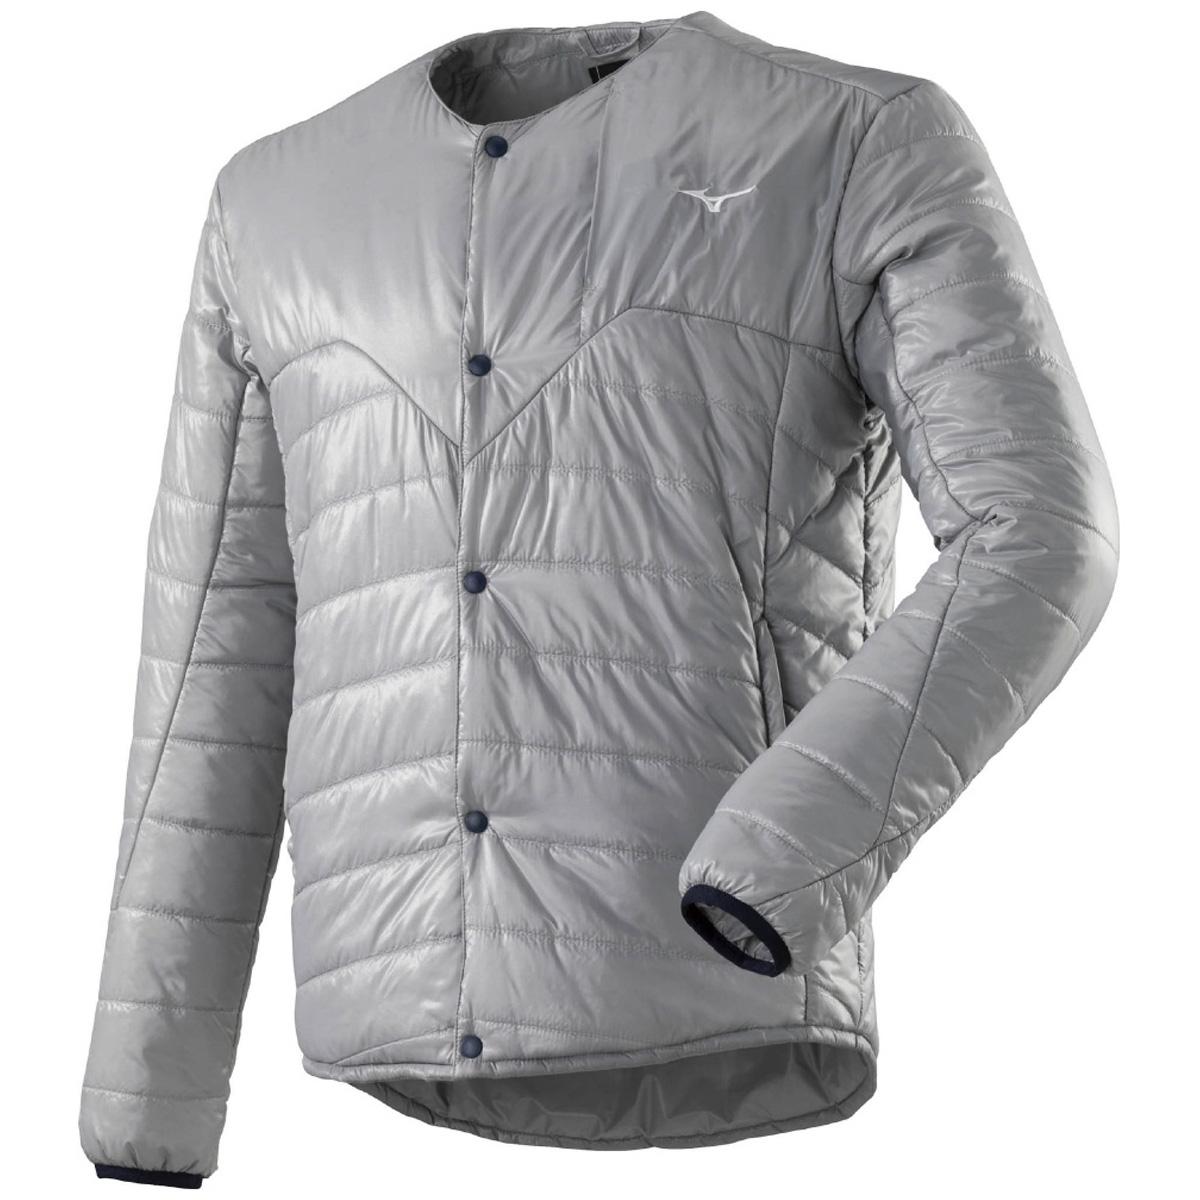 サーモブリッドインサレーションジャケット